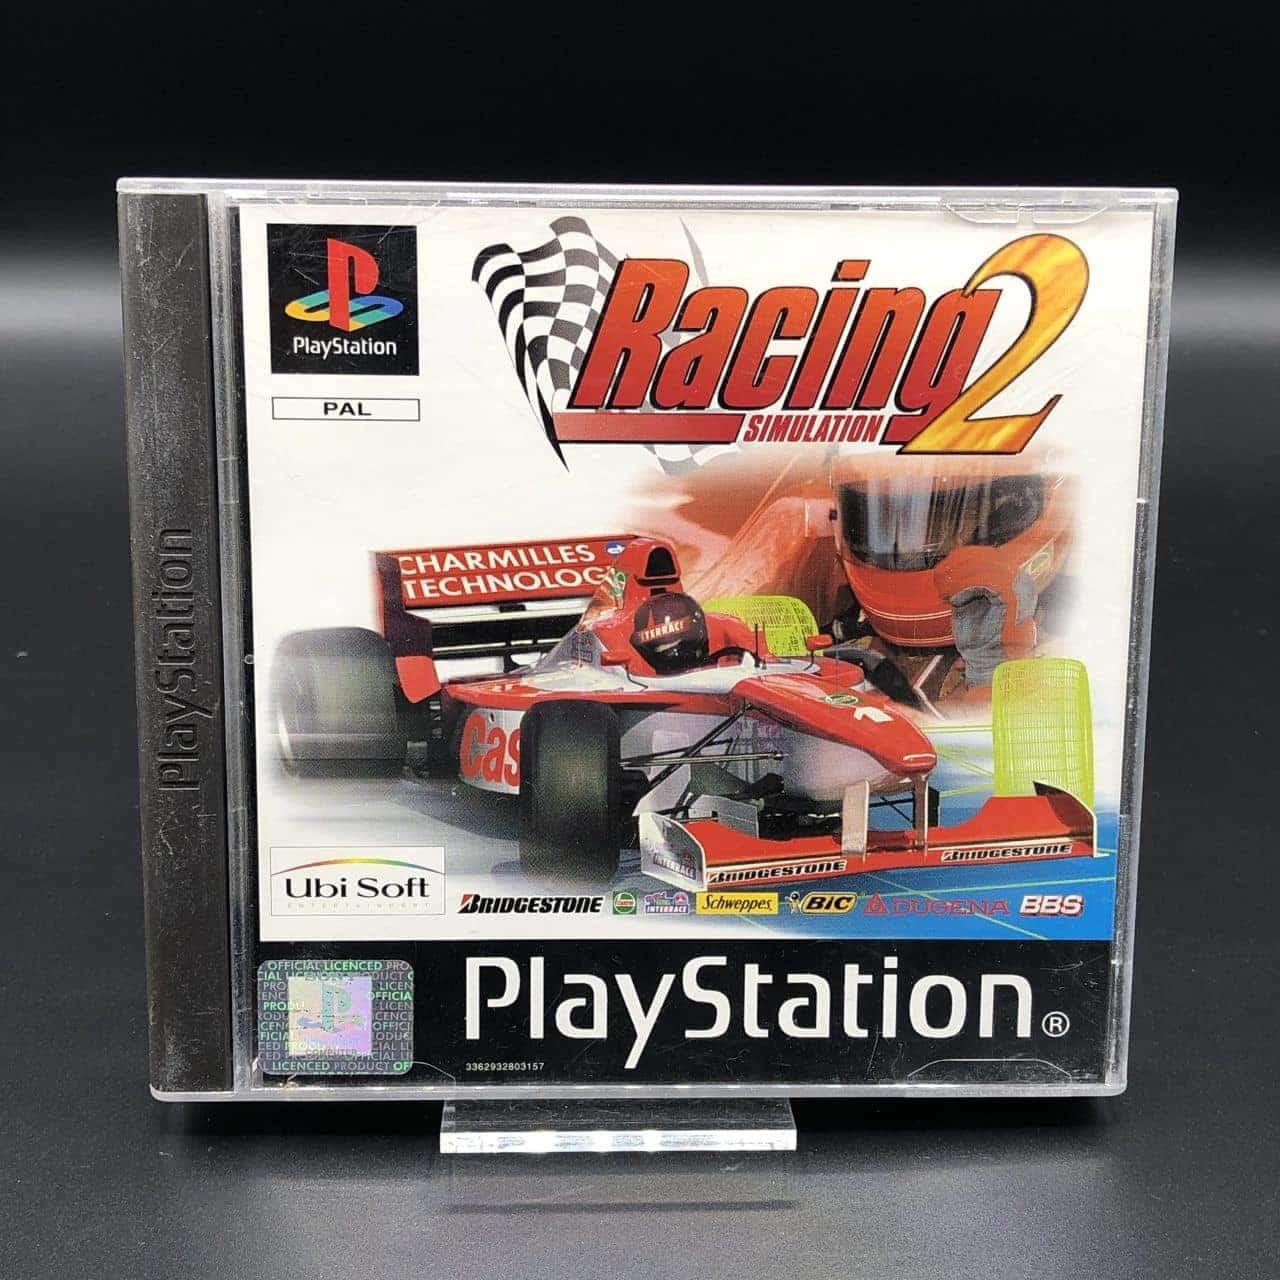 PS1 Racing 2 Simulation (Komplett) (Gut) Sony PlayStation 1